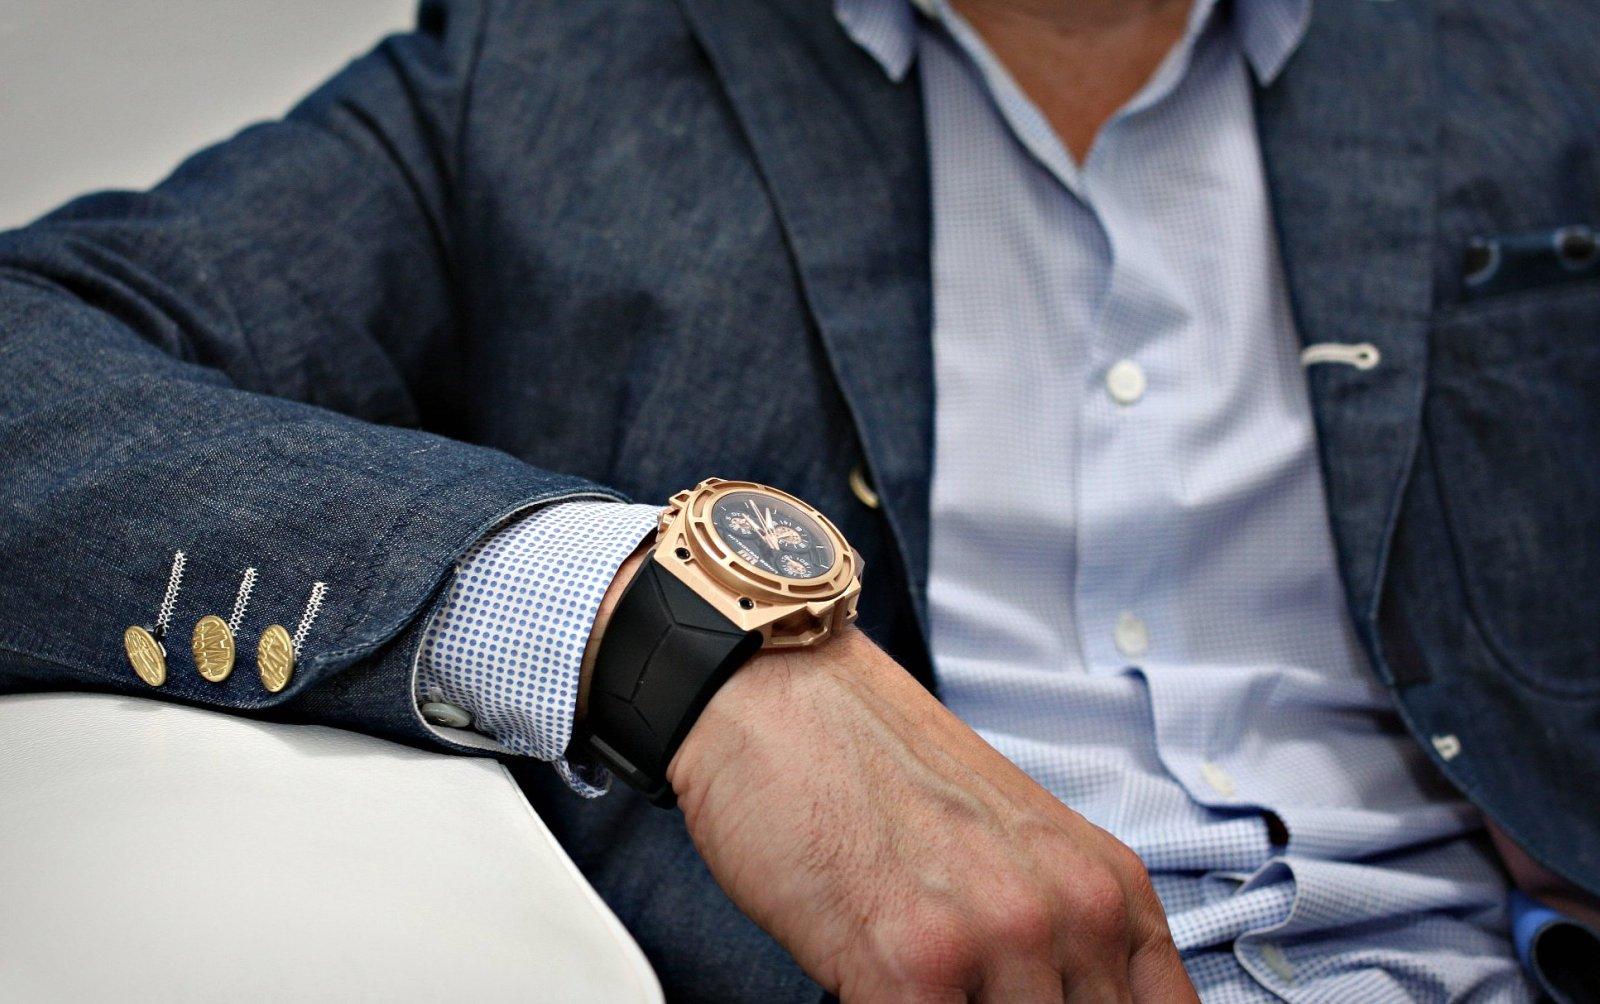 Des montres de luxe très très chères